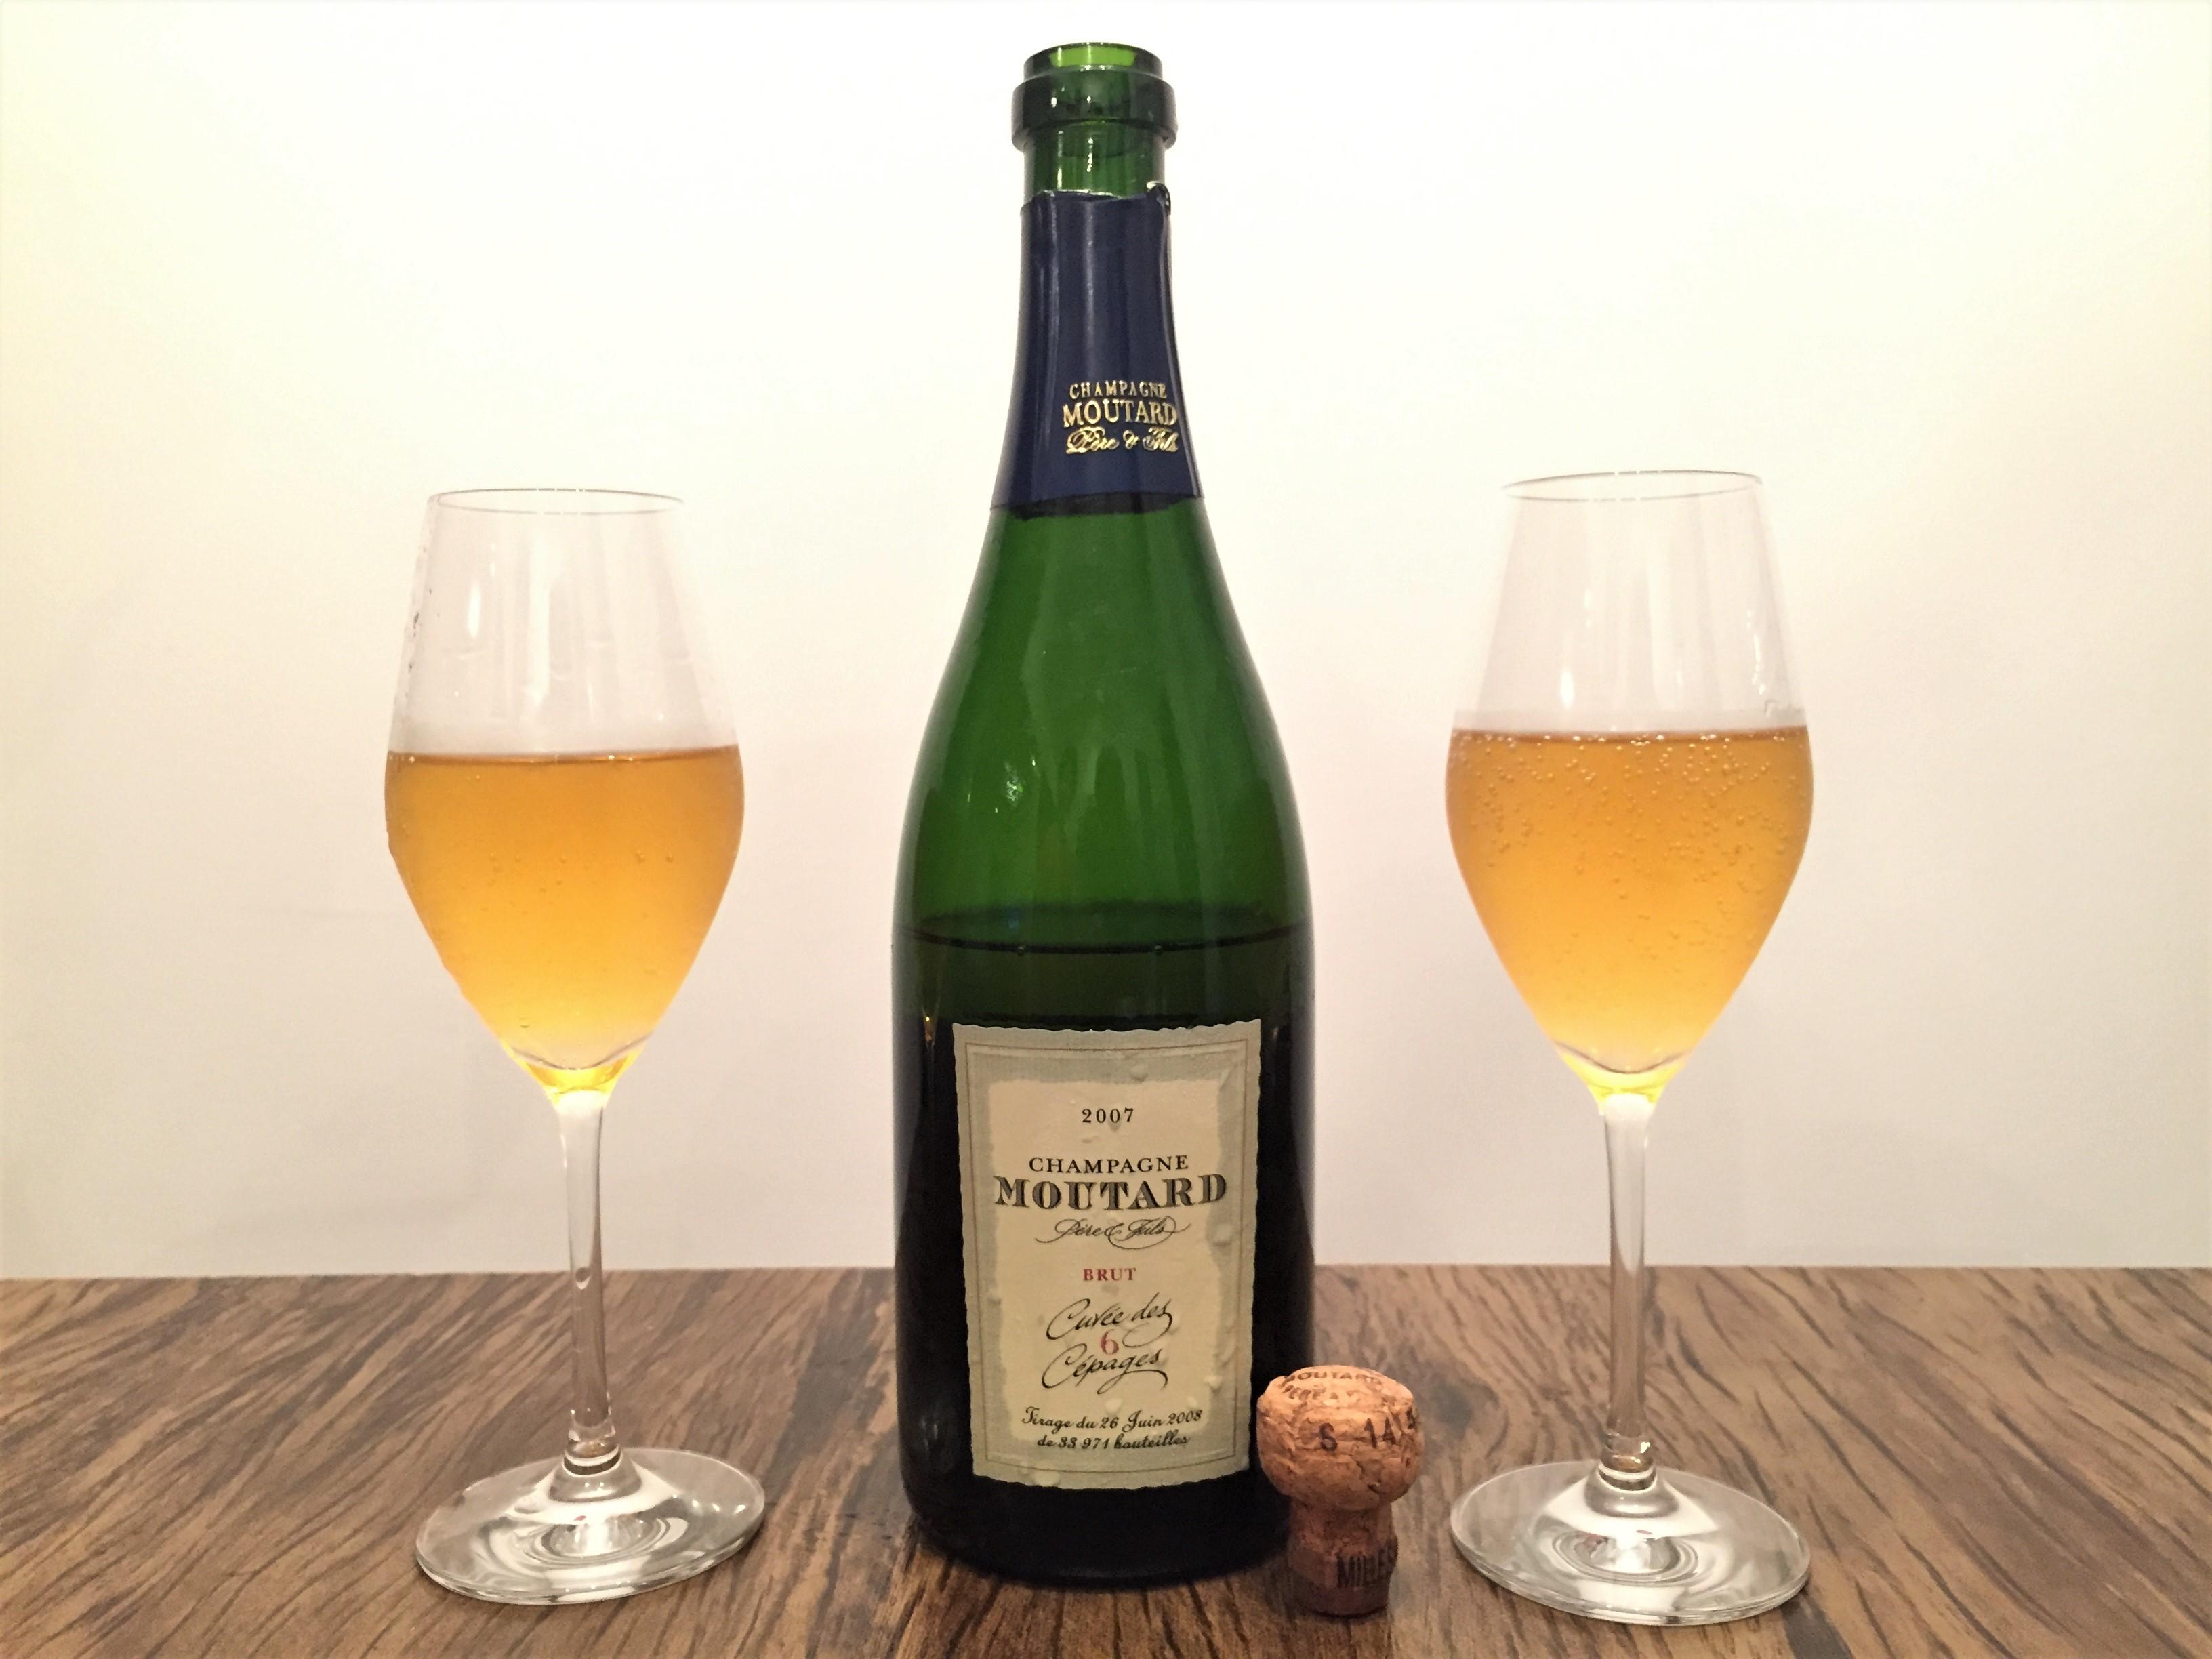 Champanhe Moutard Cuvée 6 Cépages Brut 2007